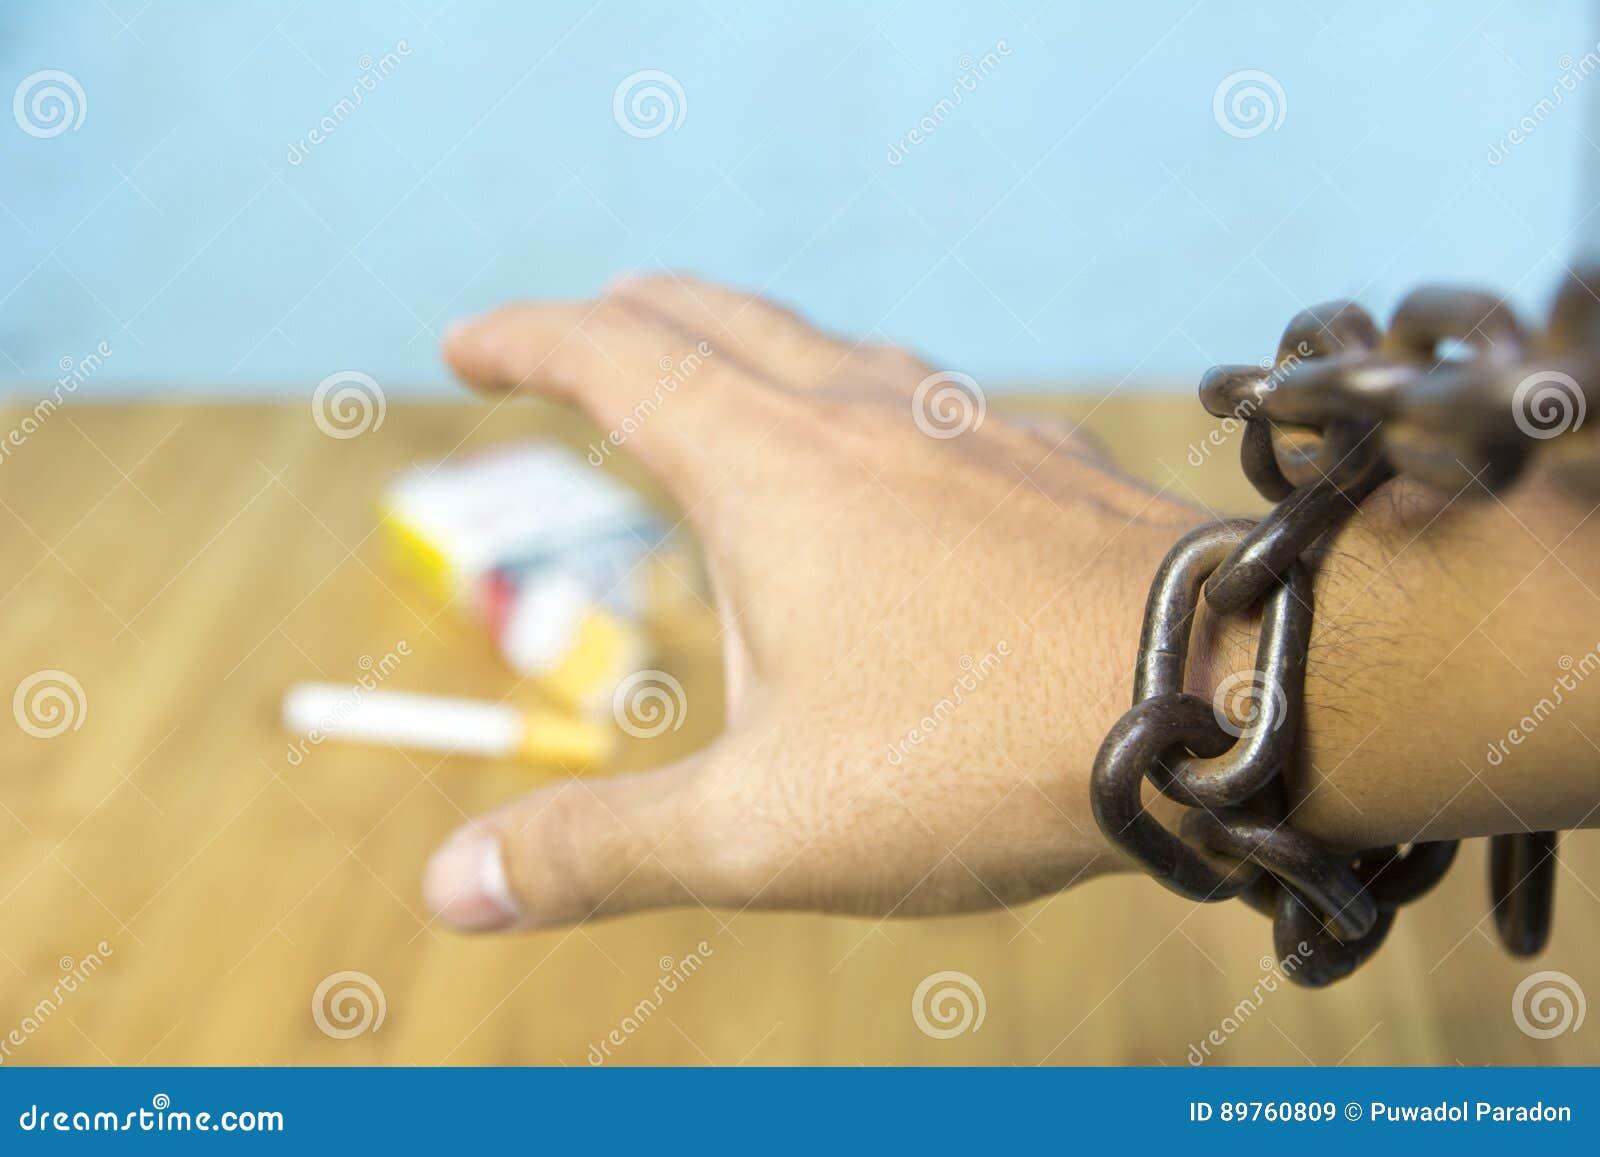 Kedjad fast mänsklig hand som försöker att fånga cigaretten på tabellen